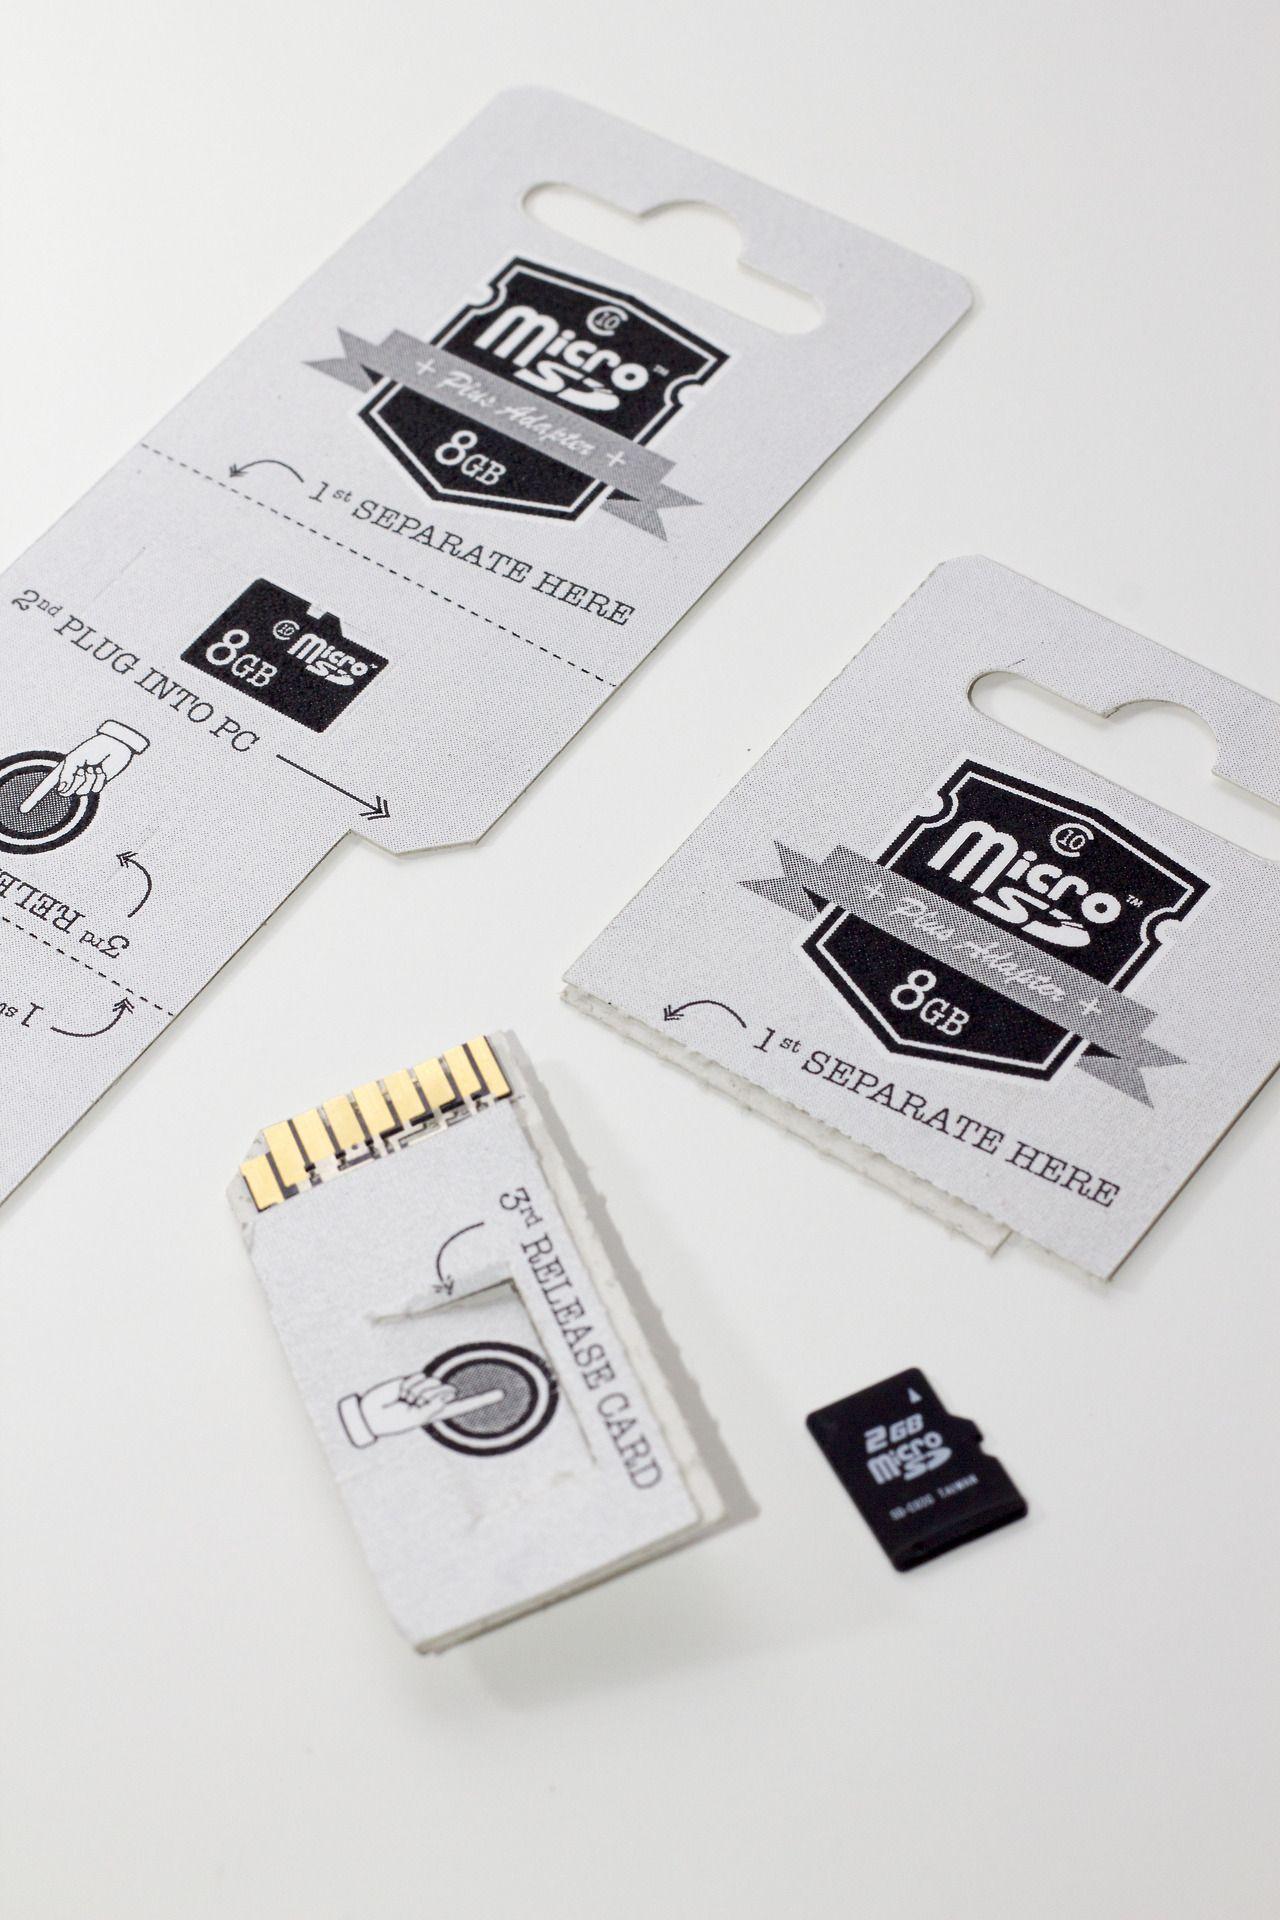 micro-SD card packaging idea